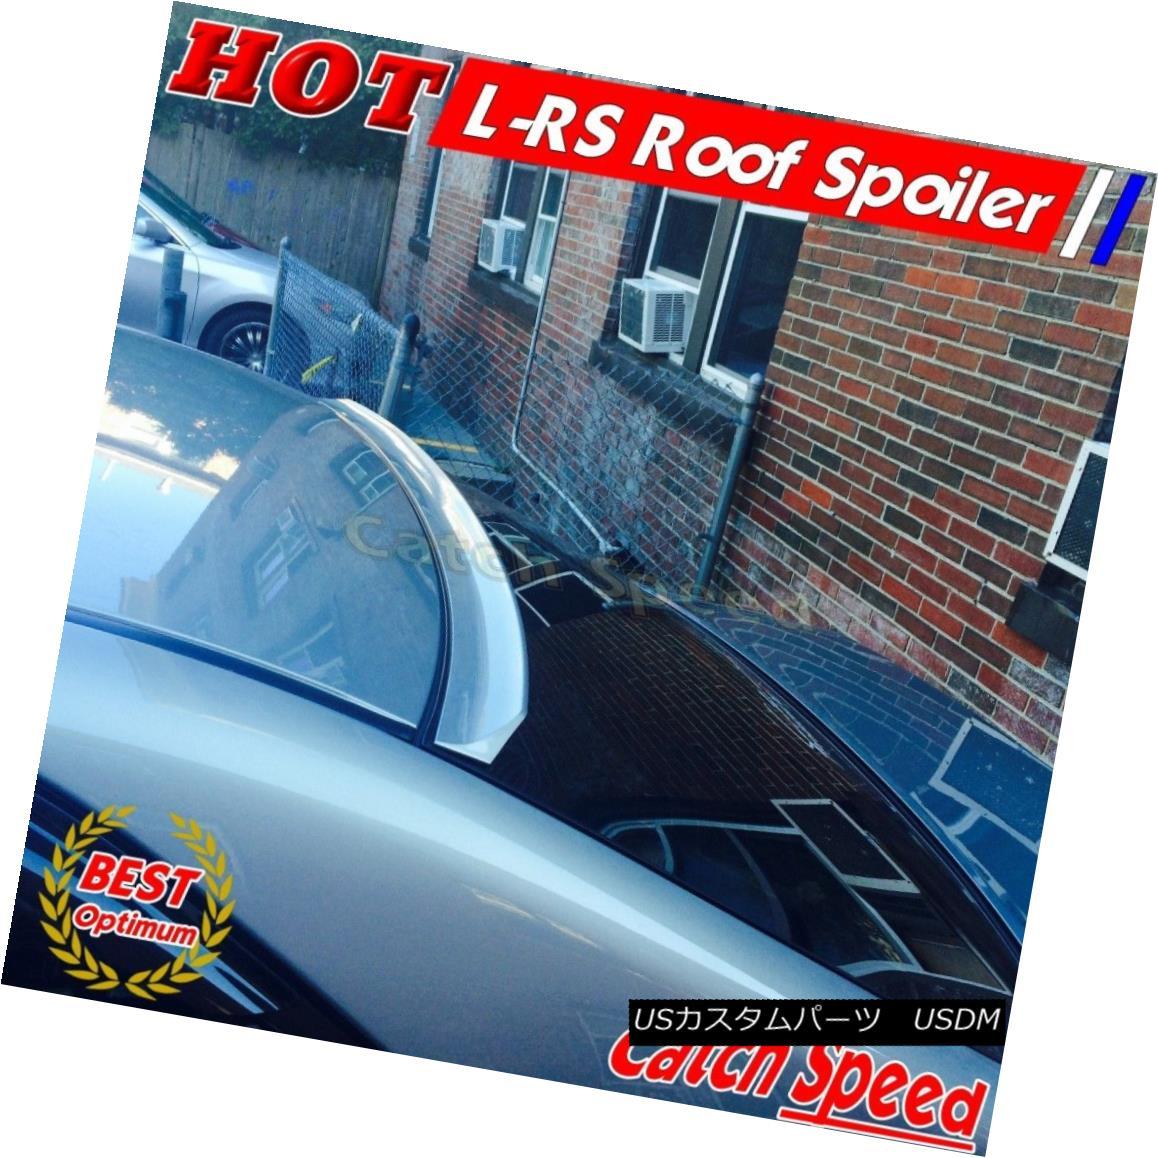 エアロパーツ Painted LRS Style Rear Roof Spoiler Wing For Chevrolet Cobalt LT 2004-2011 ? シボレーコバルトLT 2004-2011のための塗装LRSスタイルのリアルーフスポイラーウィング?